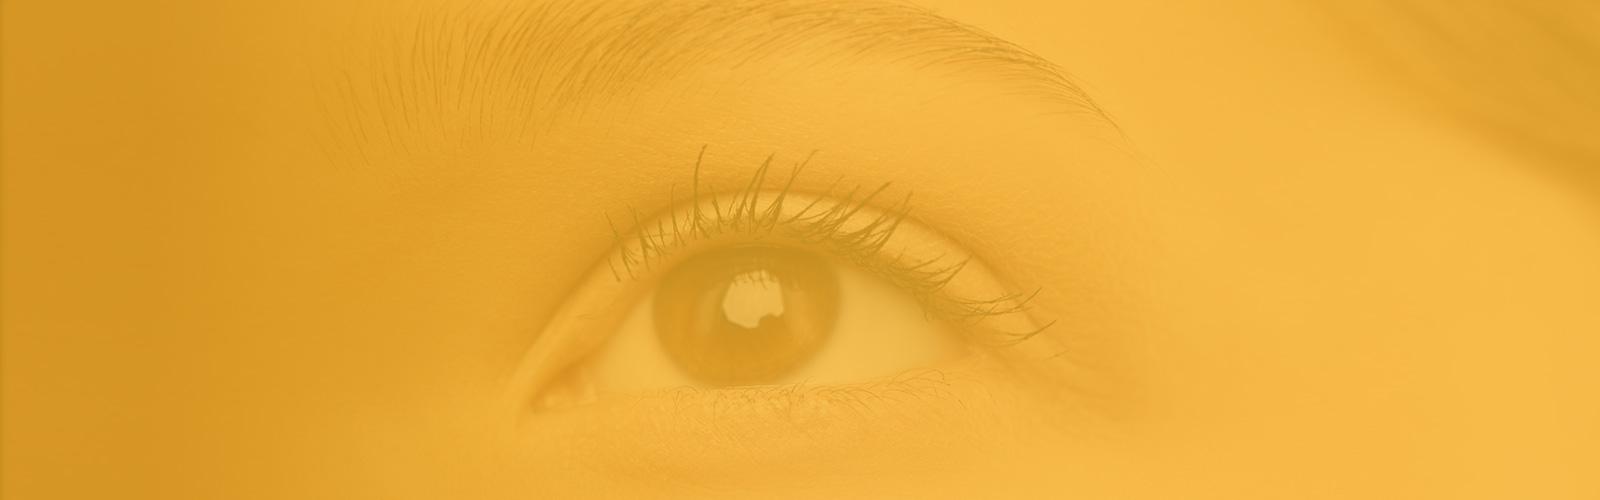 Ejercicios de visión natural: el palmeo